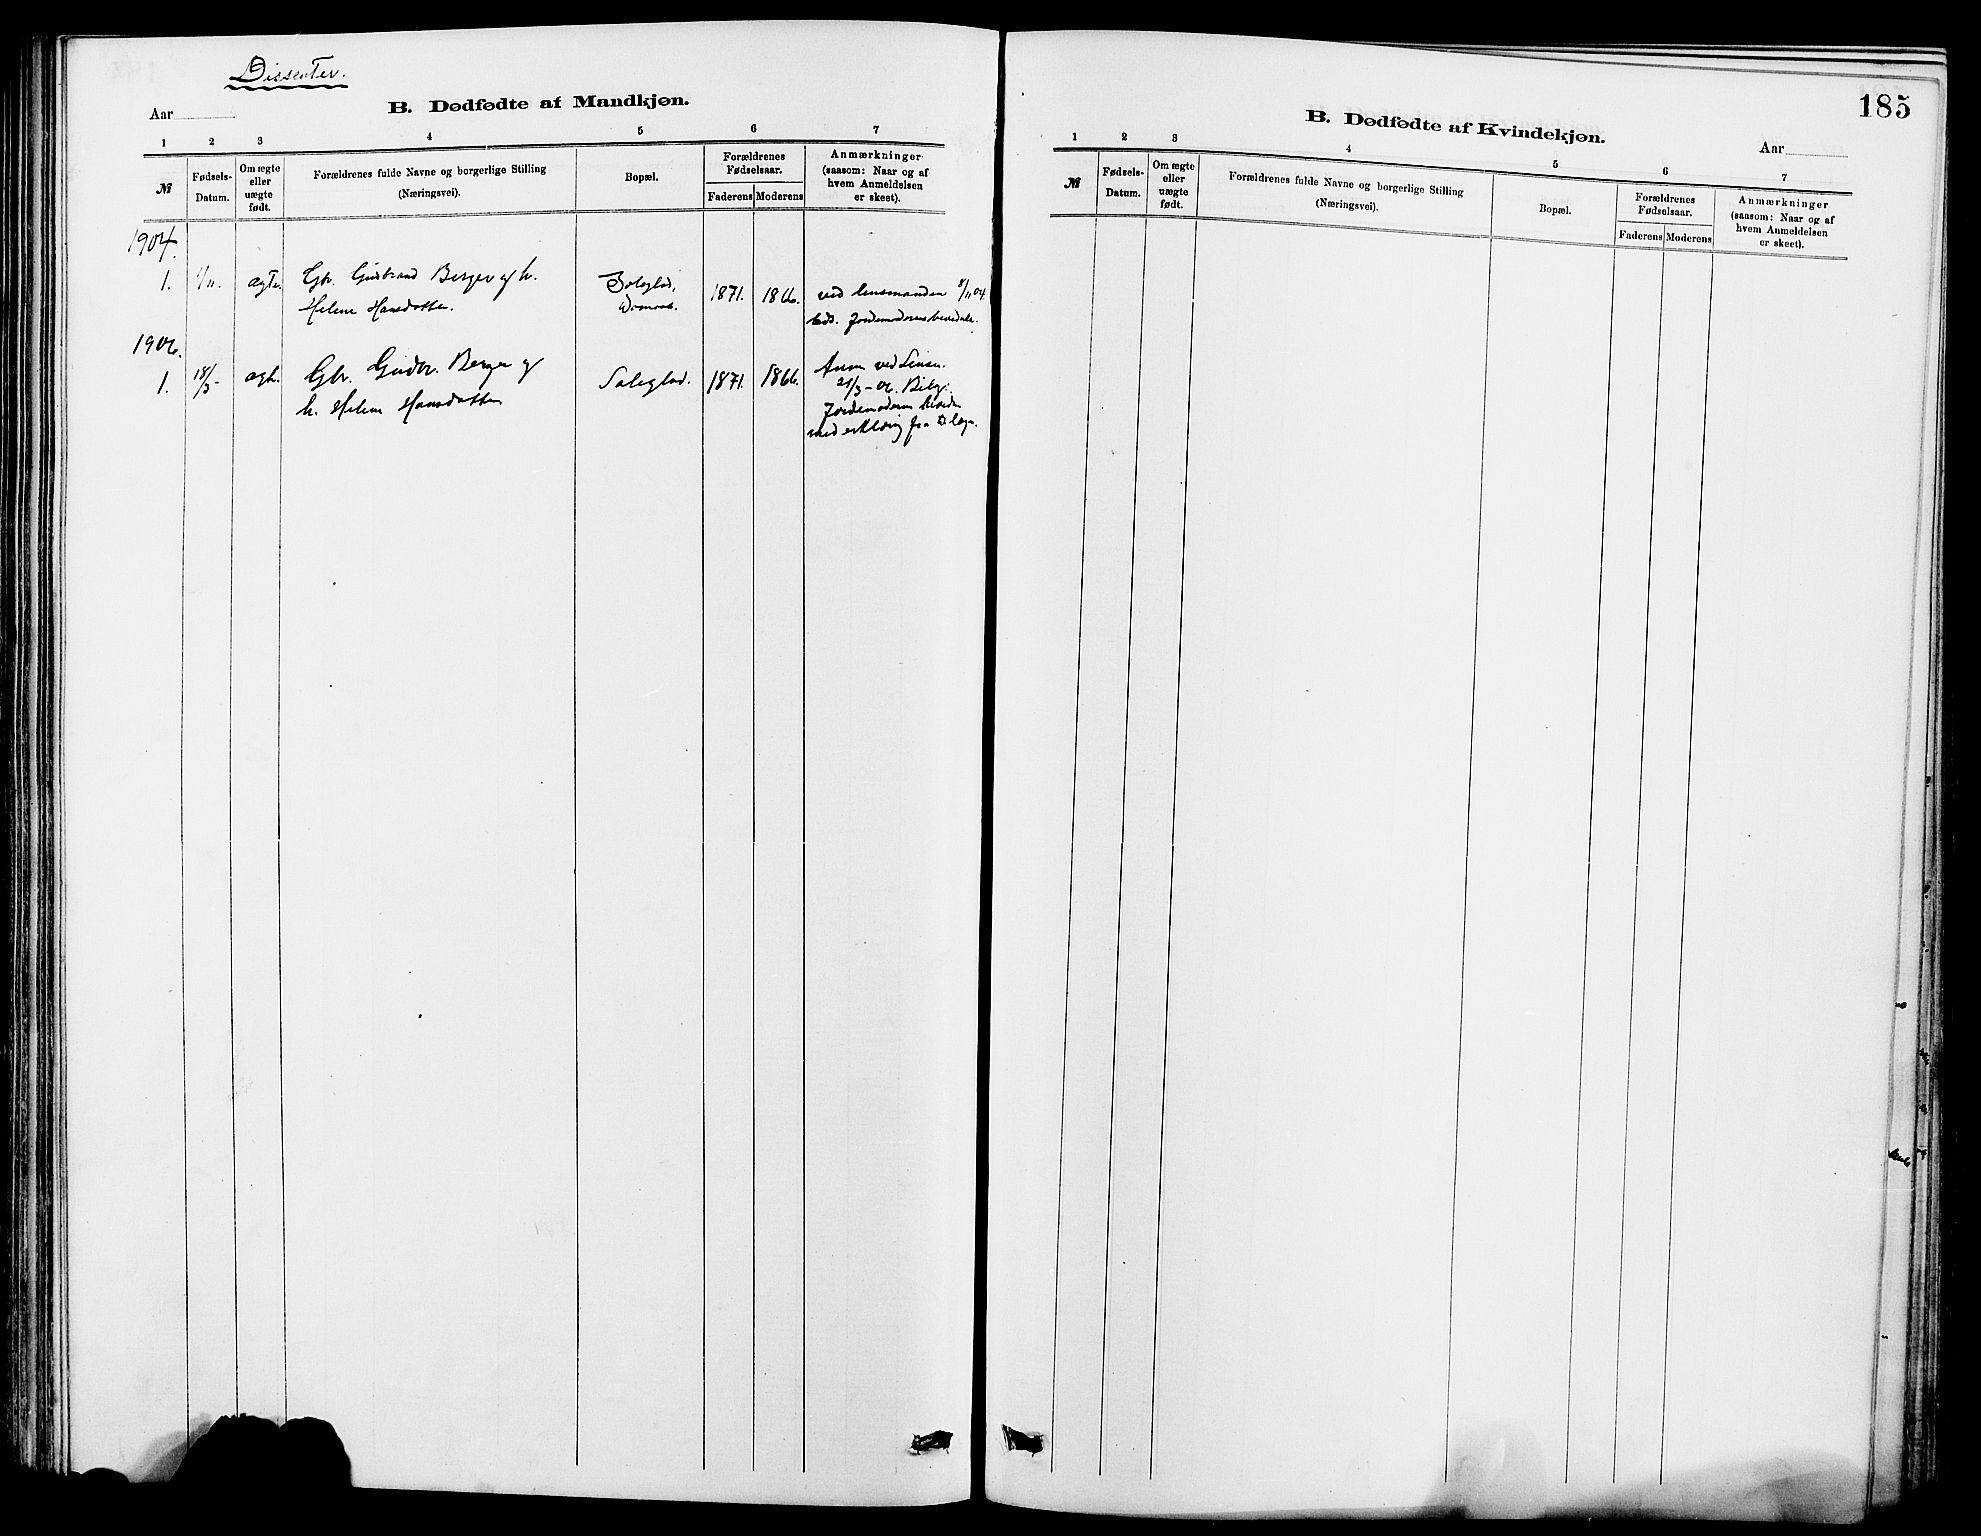 SAH, Dovre prestekontor, Klokkerbok nr. 2, 1881-1907, s. 185